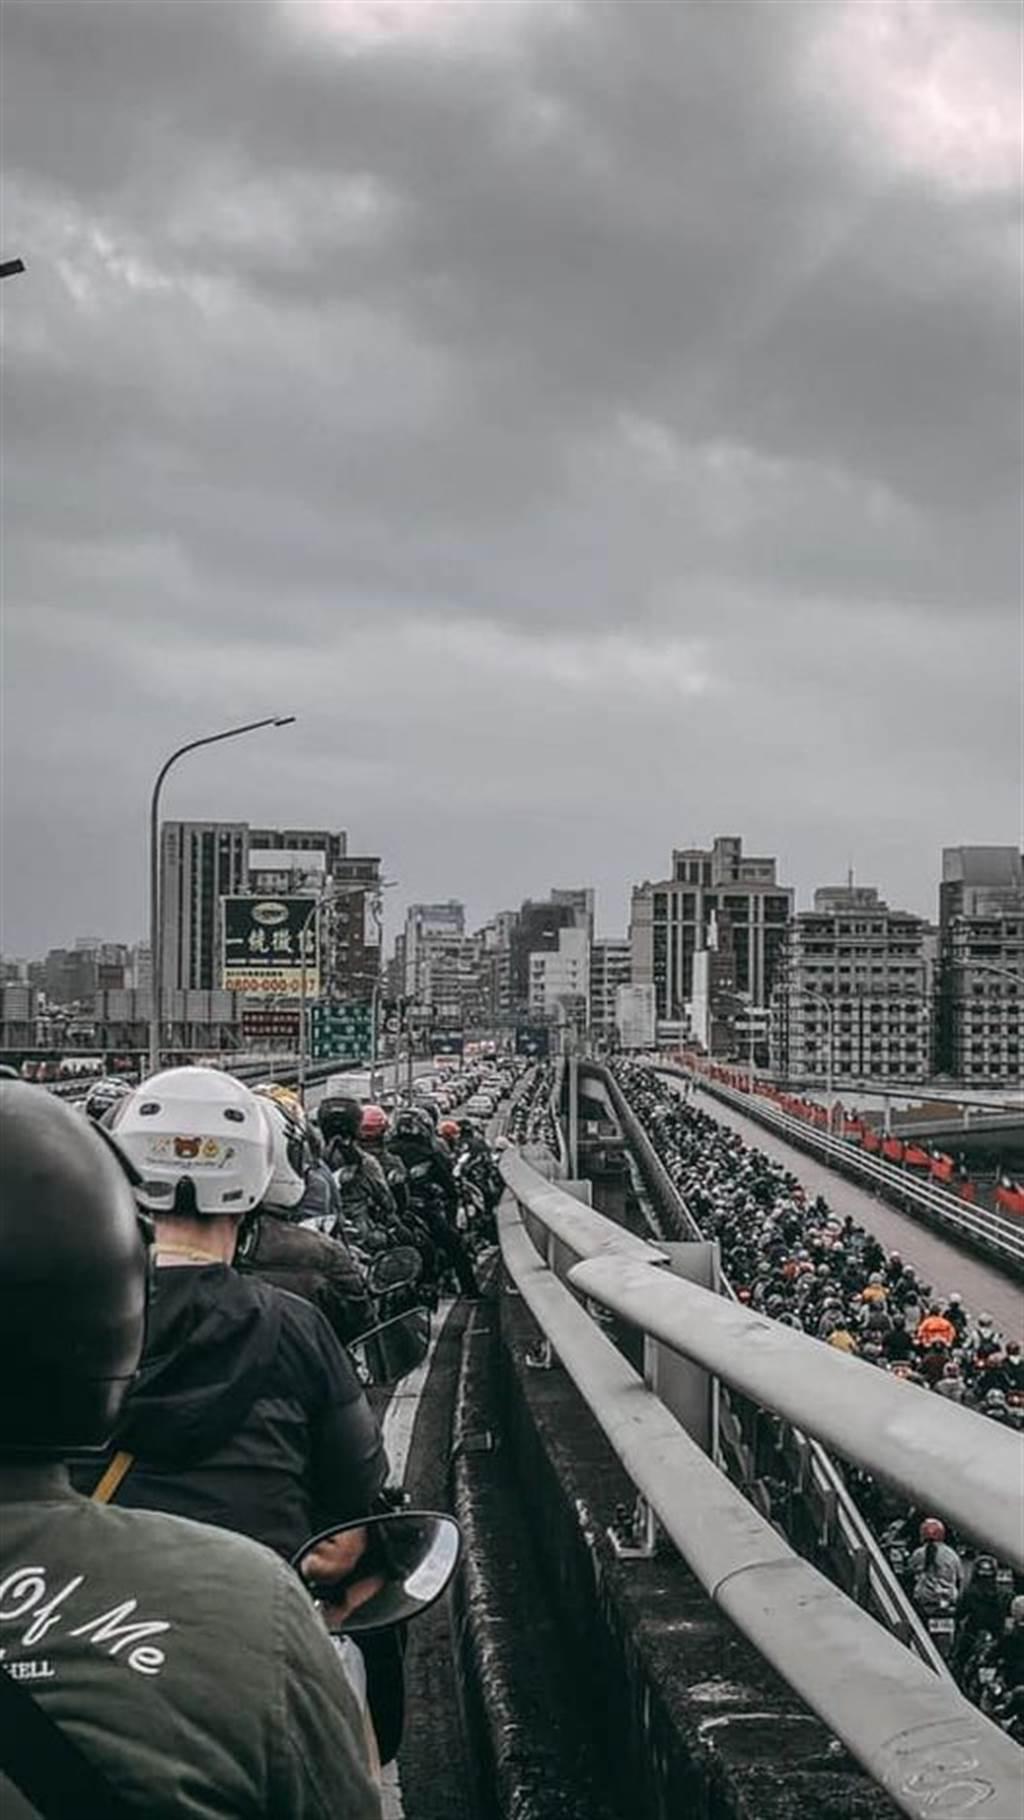 通勤時間的台北橋被機車塞得水洩不通,最扯的是,連右下方的另條路面也被機車給佔據,整個台北橋看起來就像是座大型的停車場。(圖/網友張哲瑋提供)